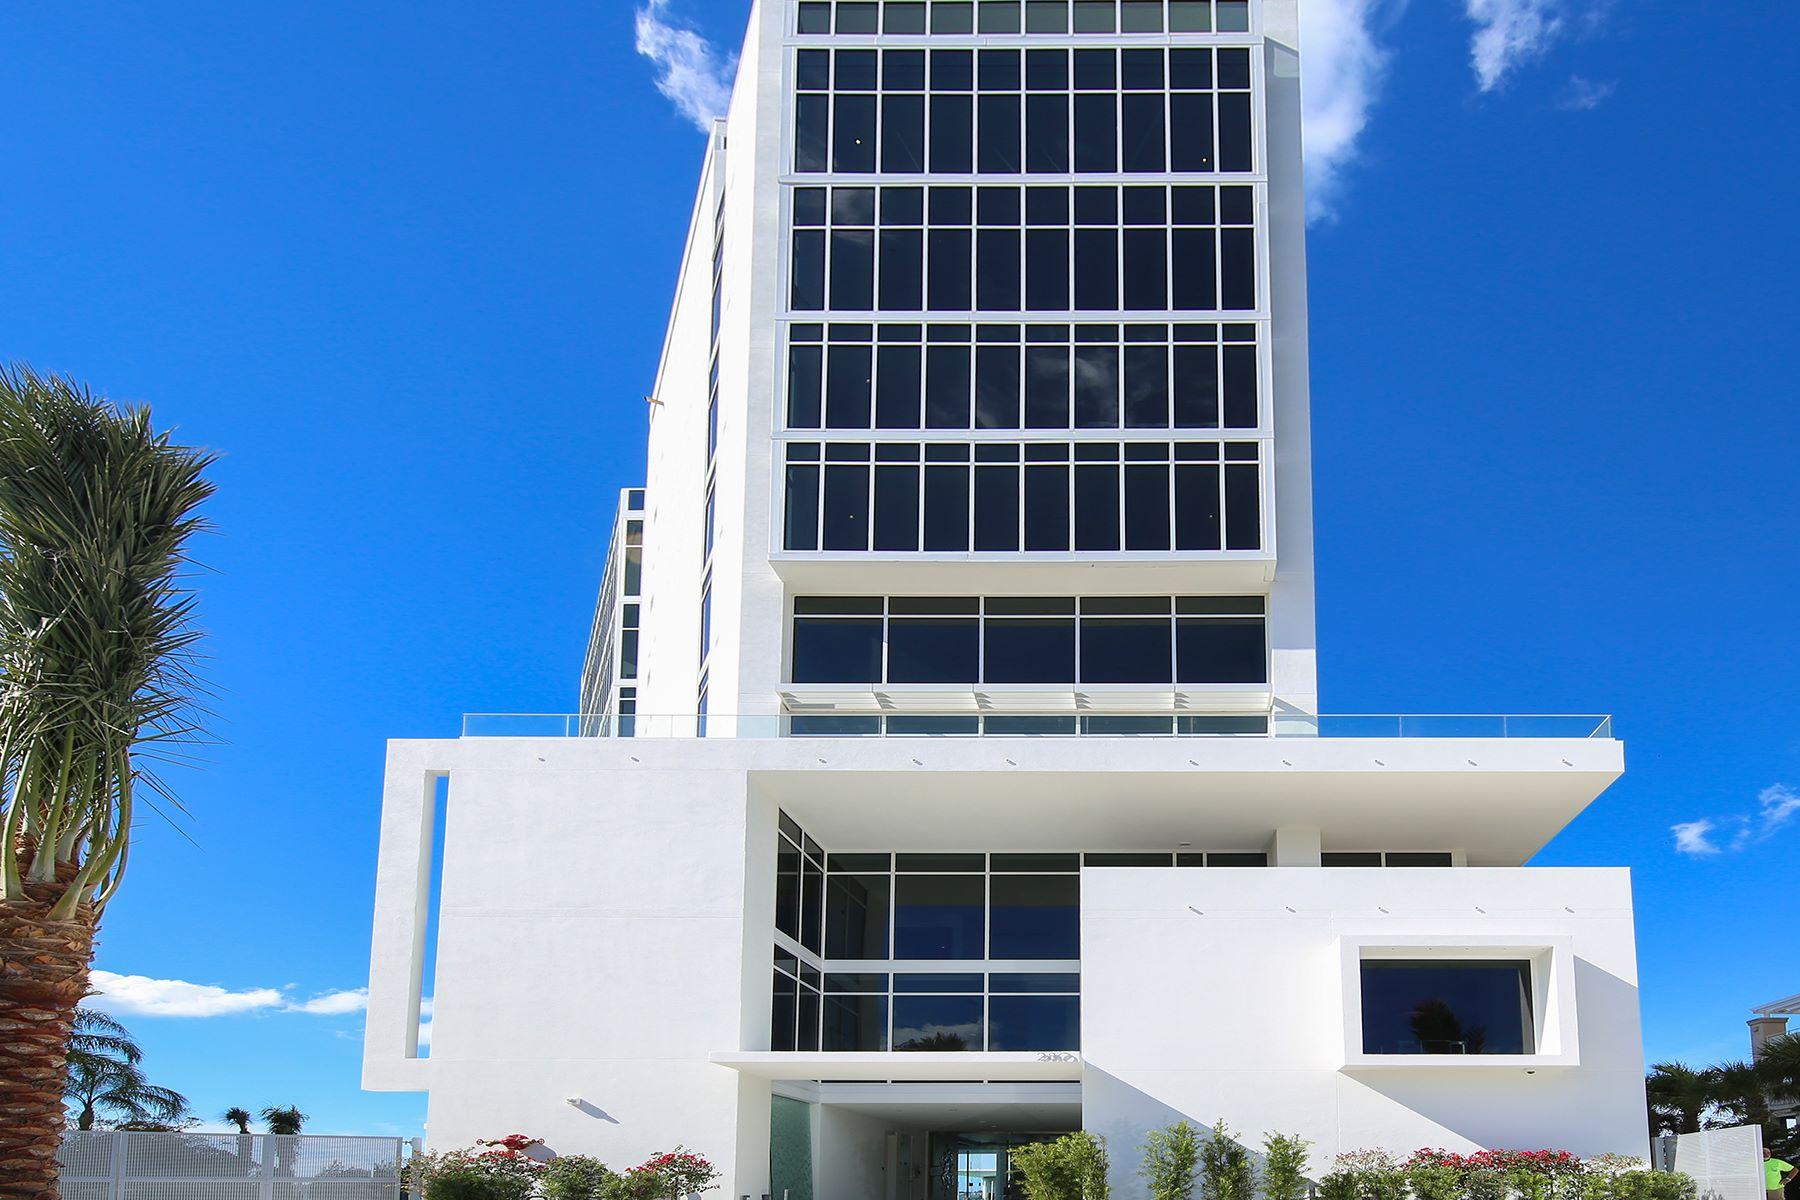 Condominium for Sale at AQUA 280 Golden Gate Pt Grand Resid Sarasota, Florida, 34236 United States